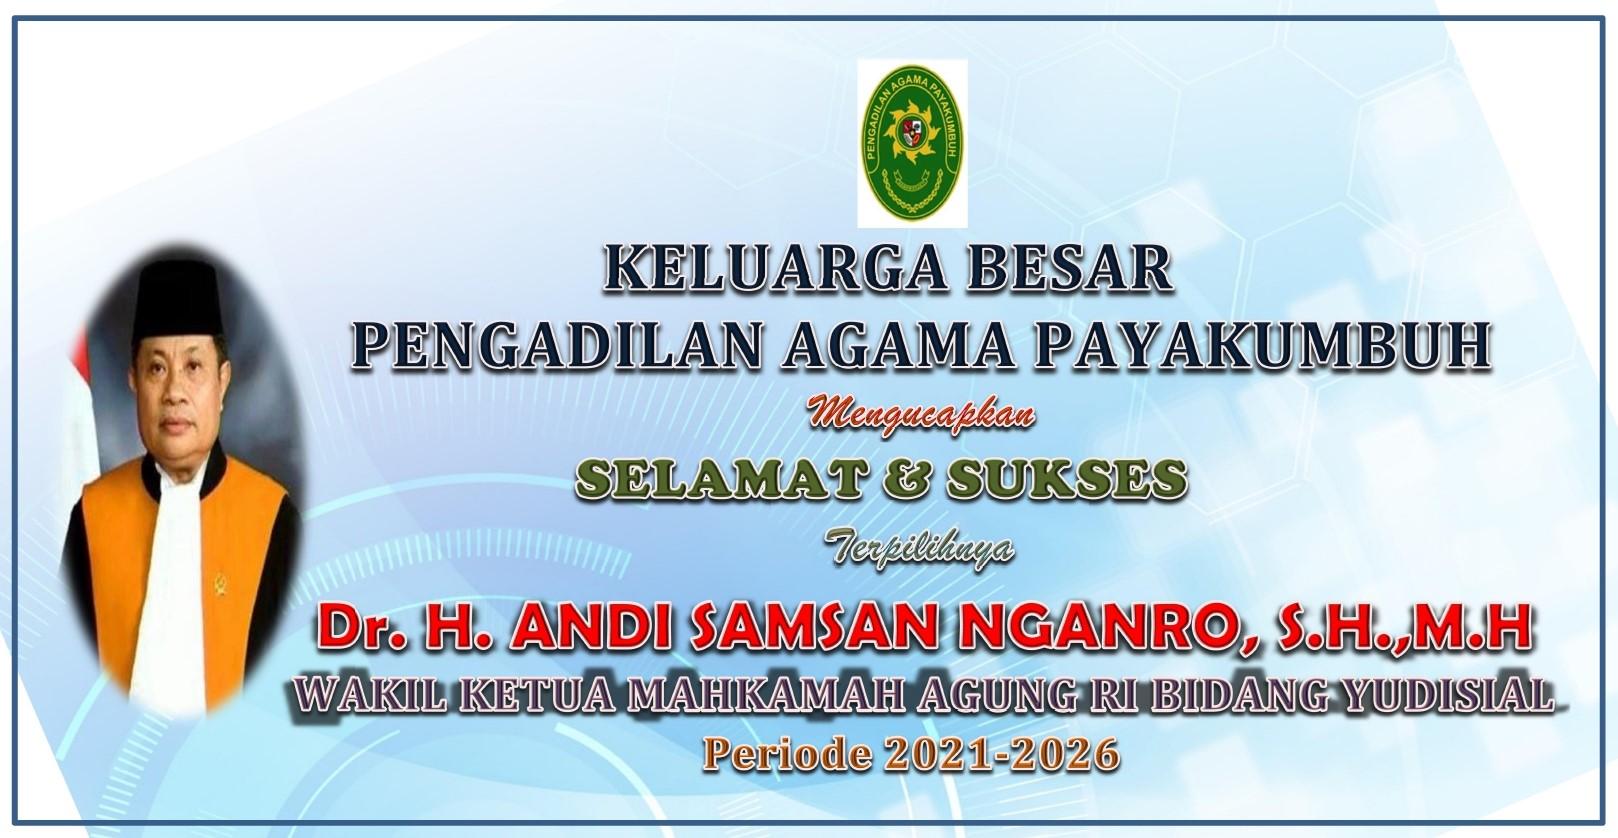 Selamat dan Sukses atas Pemilihan Wakil Ketua Mahkamah Agung RI Bidang Yudisial Periode 2021-2026